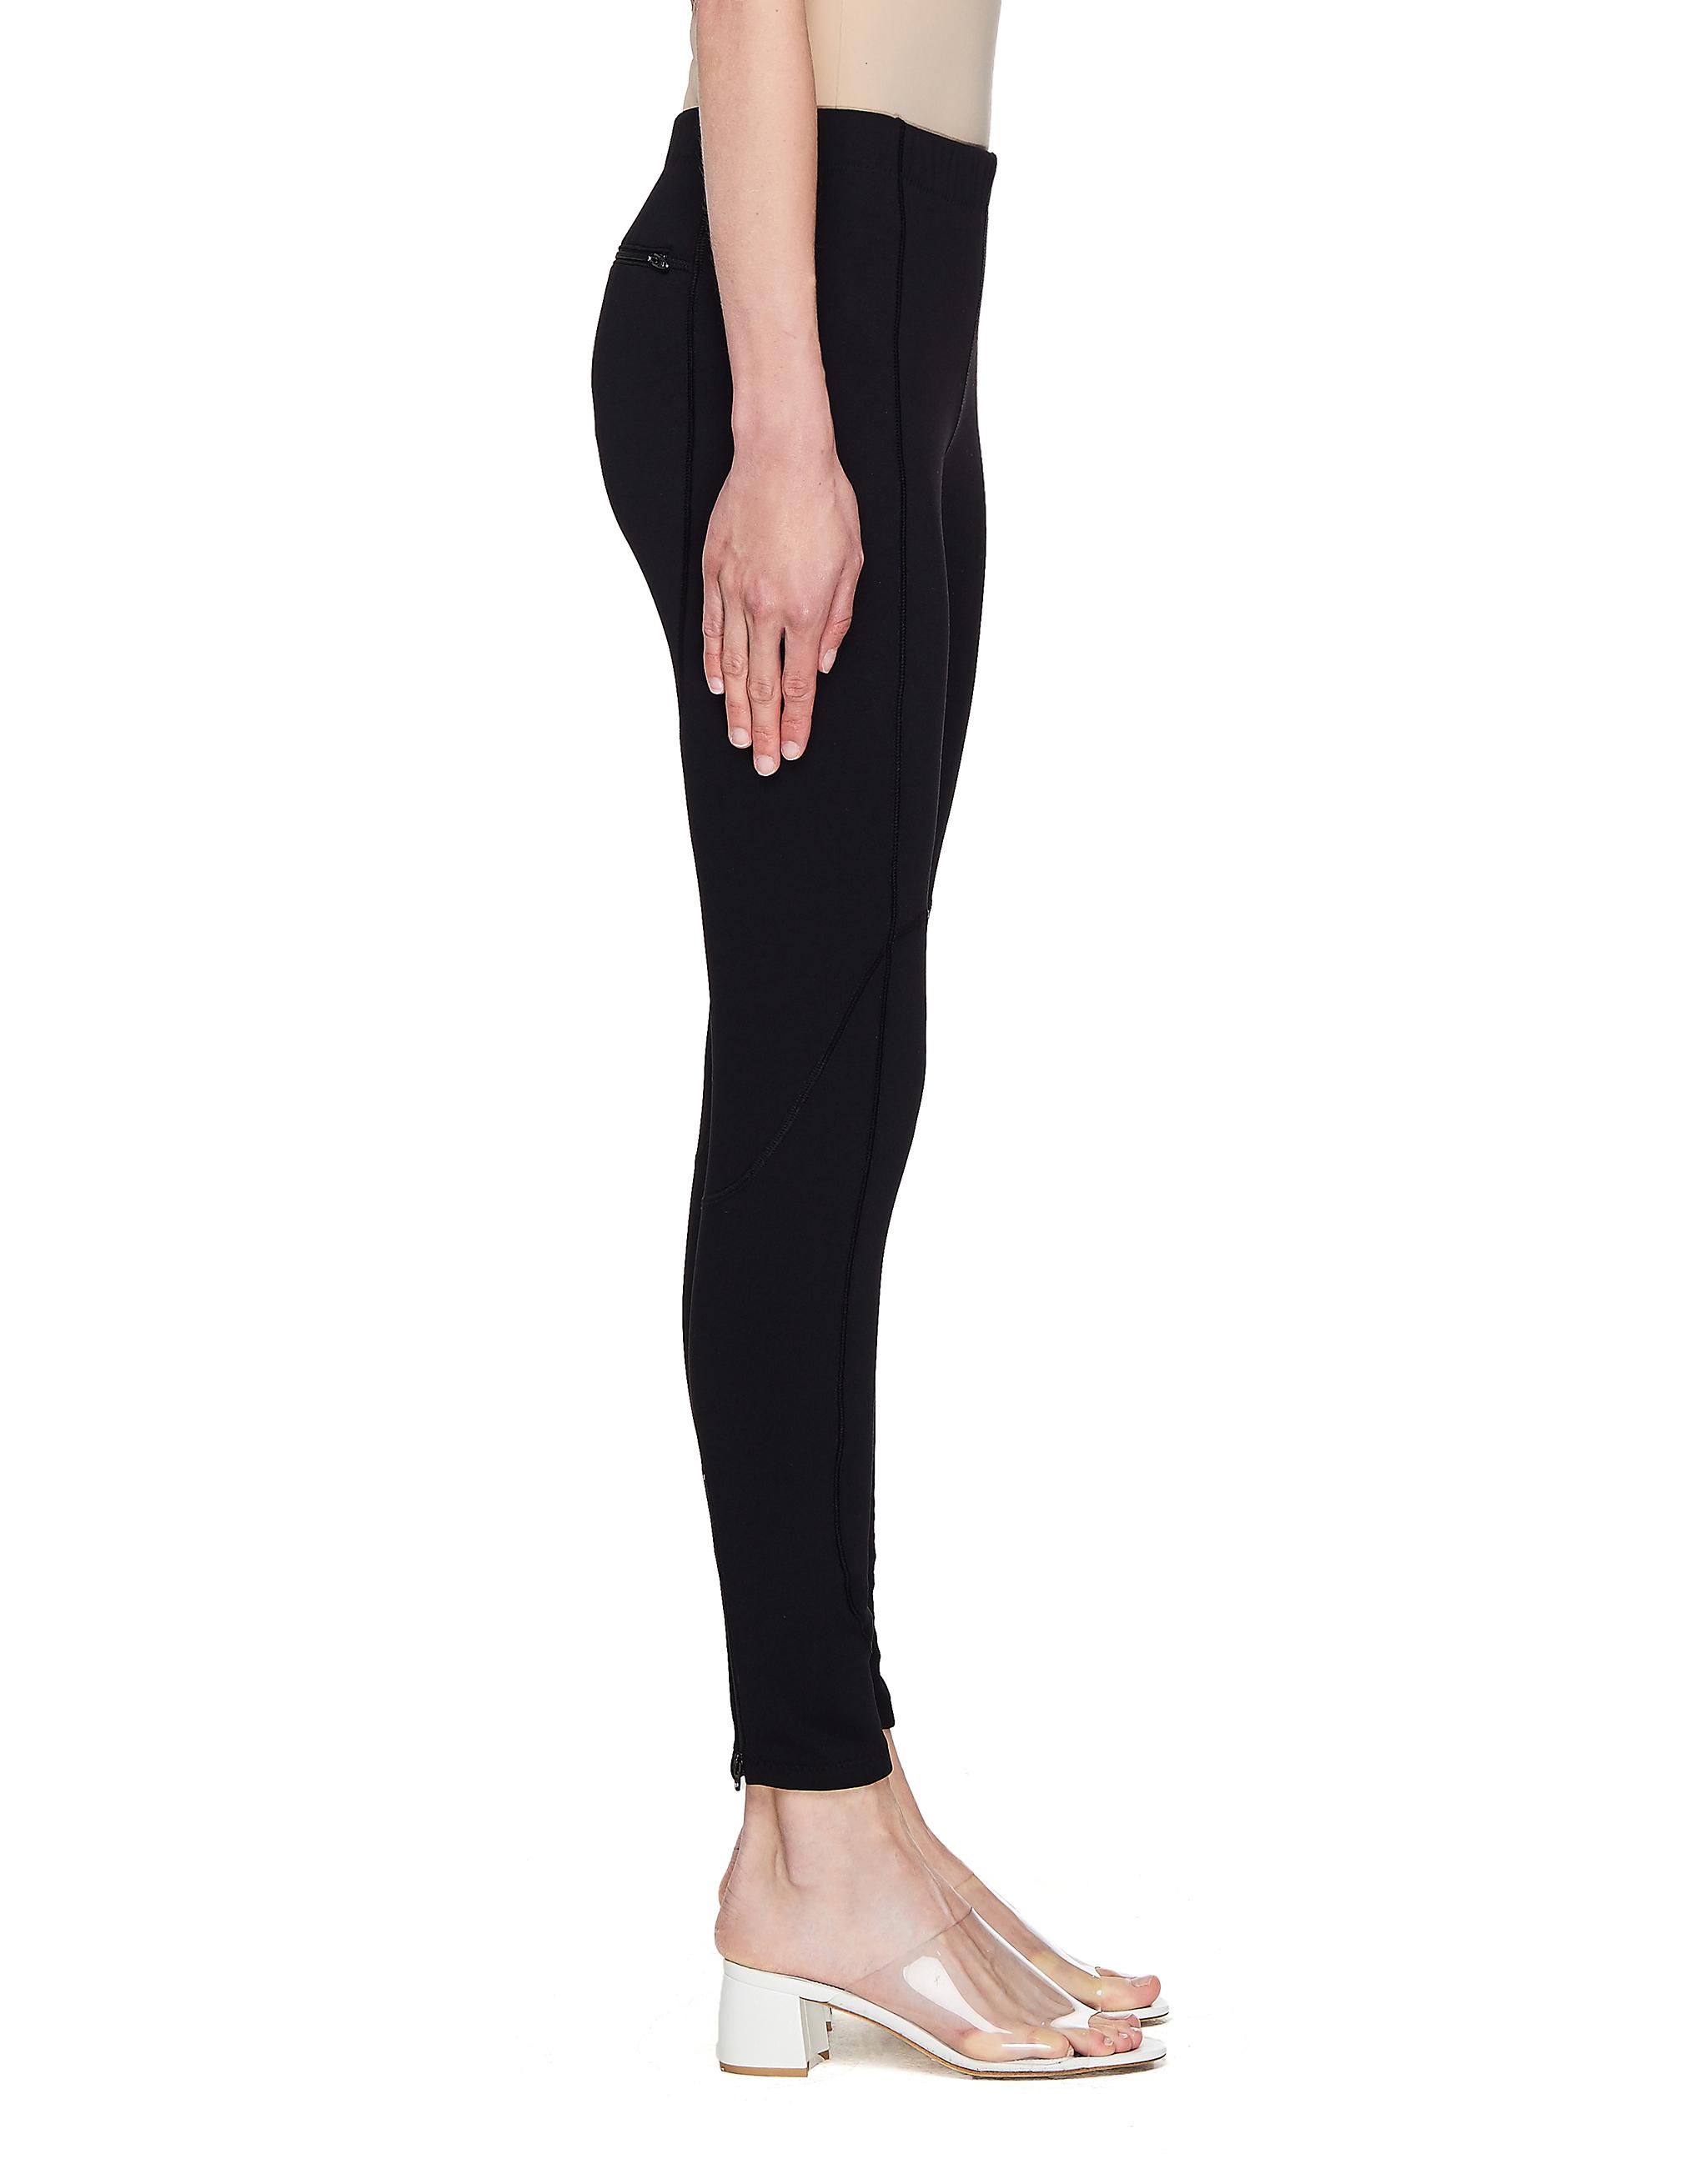 Balenciaga Black Leggings With Pocket